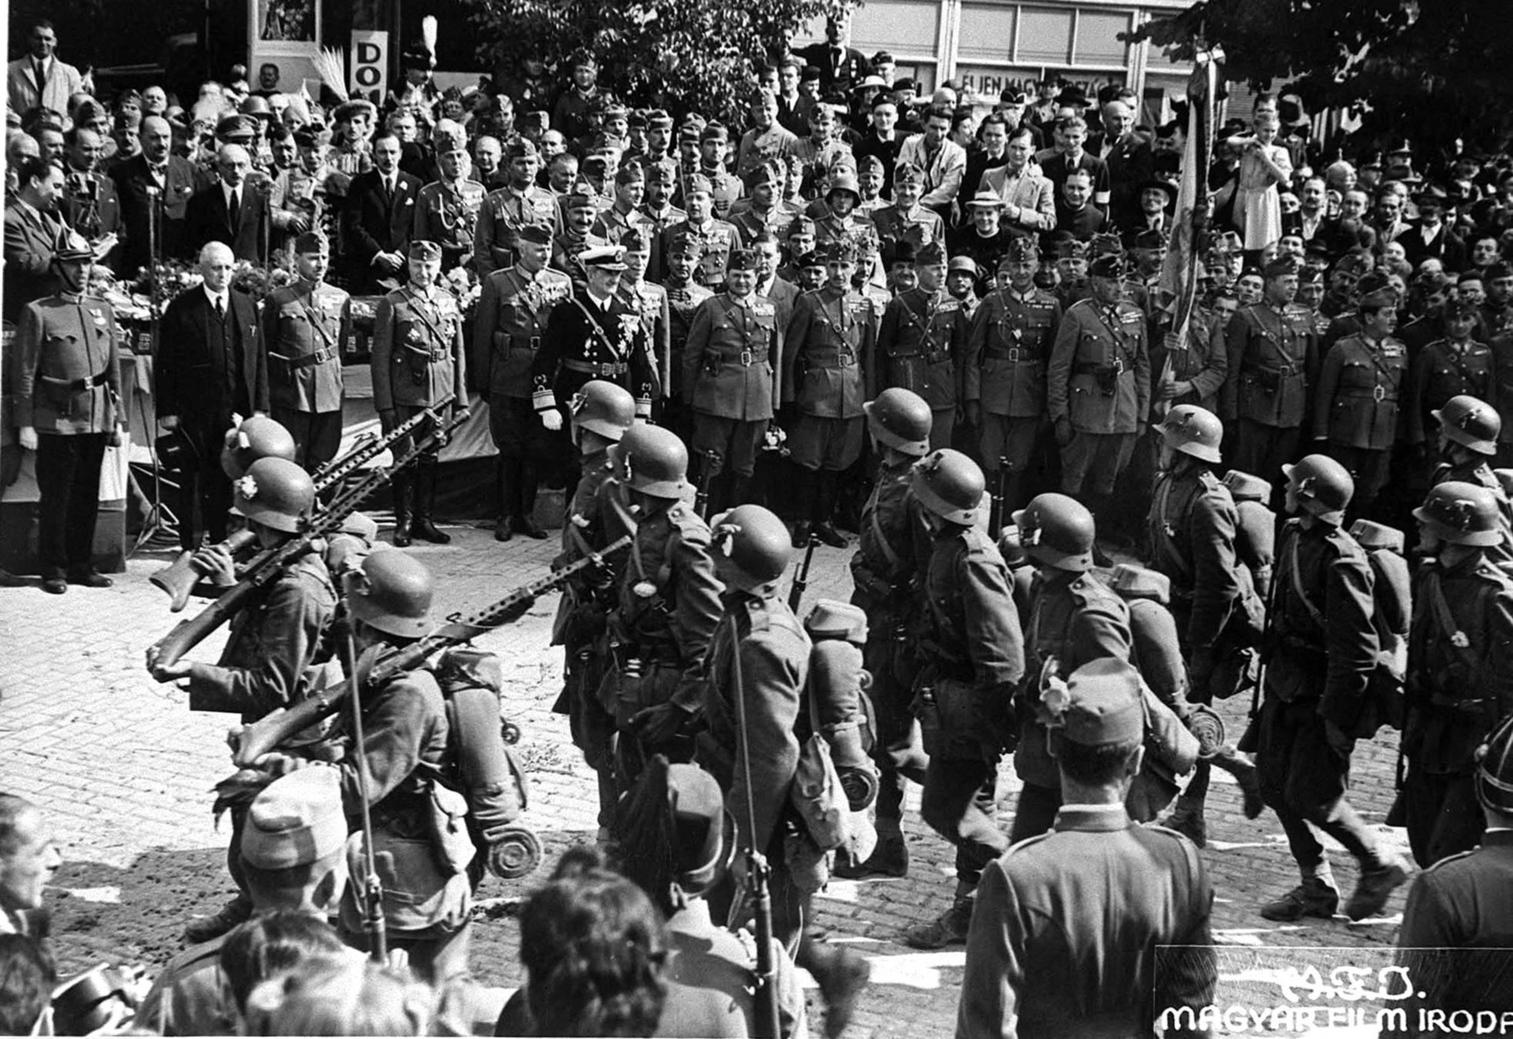 Szatmárnémeti, 1940. szeptember 6. Horthy Miklós kormányzó megtekinti a bevonuló katonák díszfelvonulását. MTI Fotó: Reprodukció